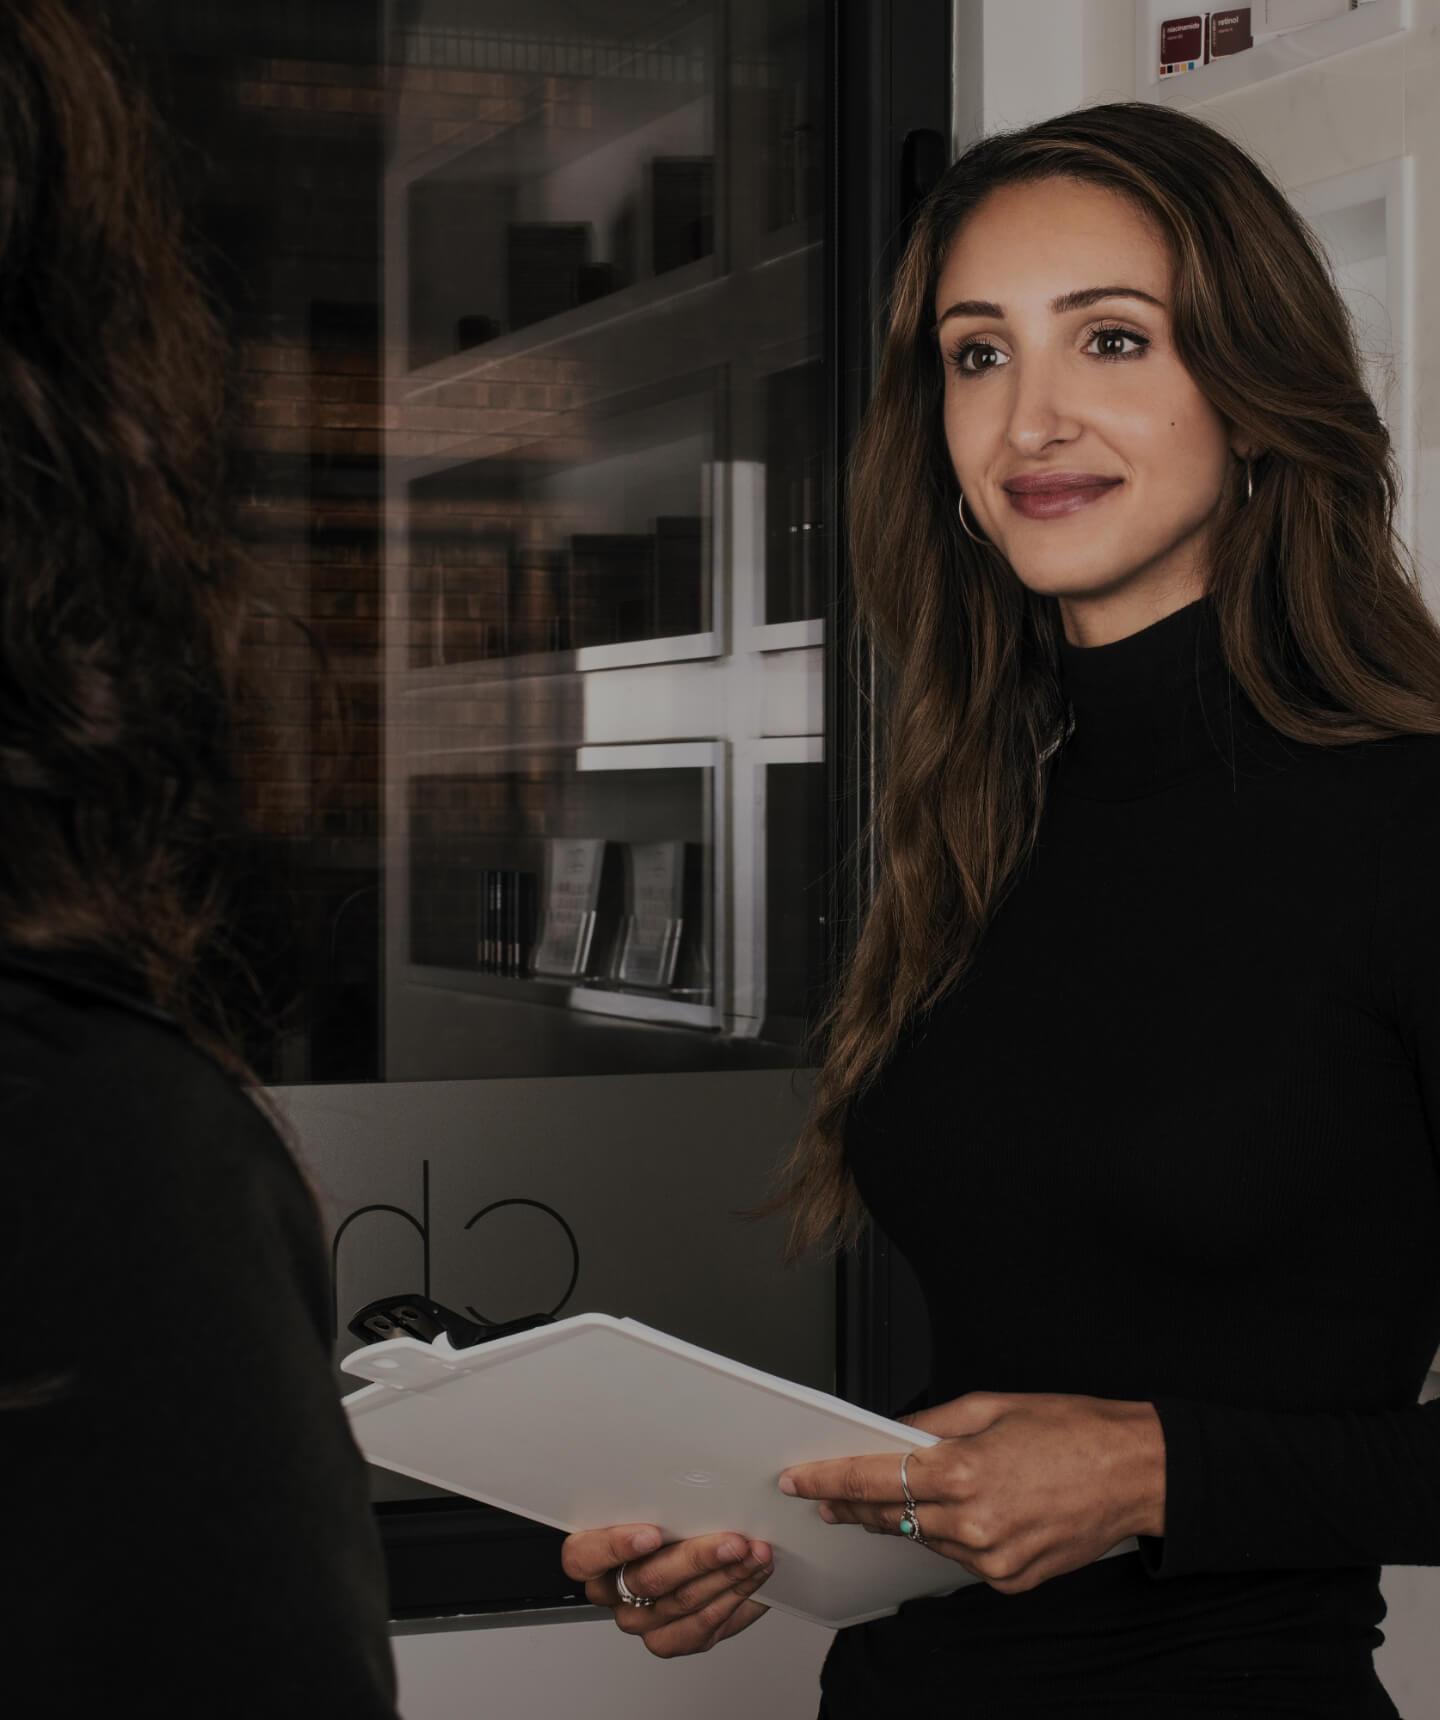 La réceptionniste médicale Alexia D'Antico accueillant une patiente de la Clinique Chloé avec un questionnaire médical en main